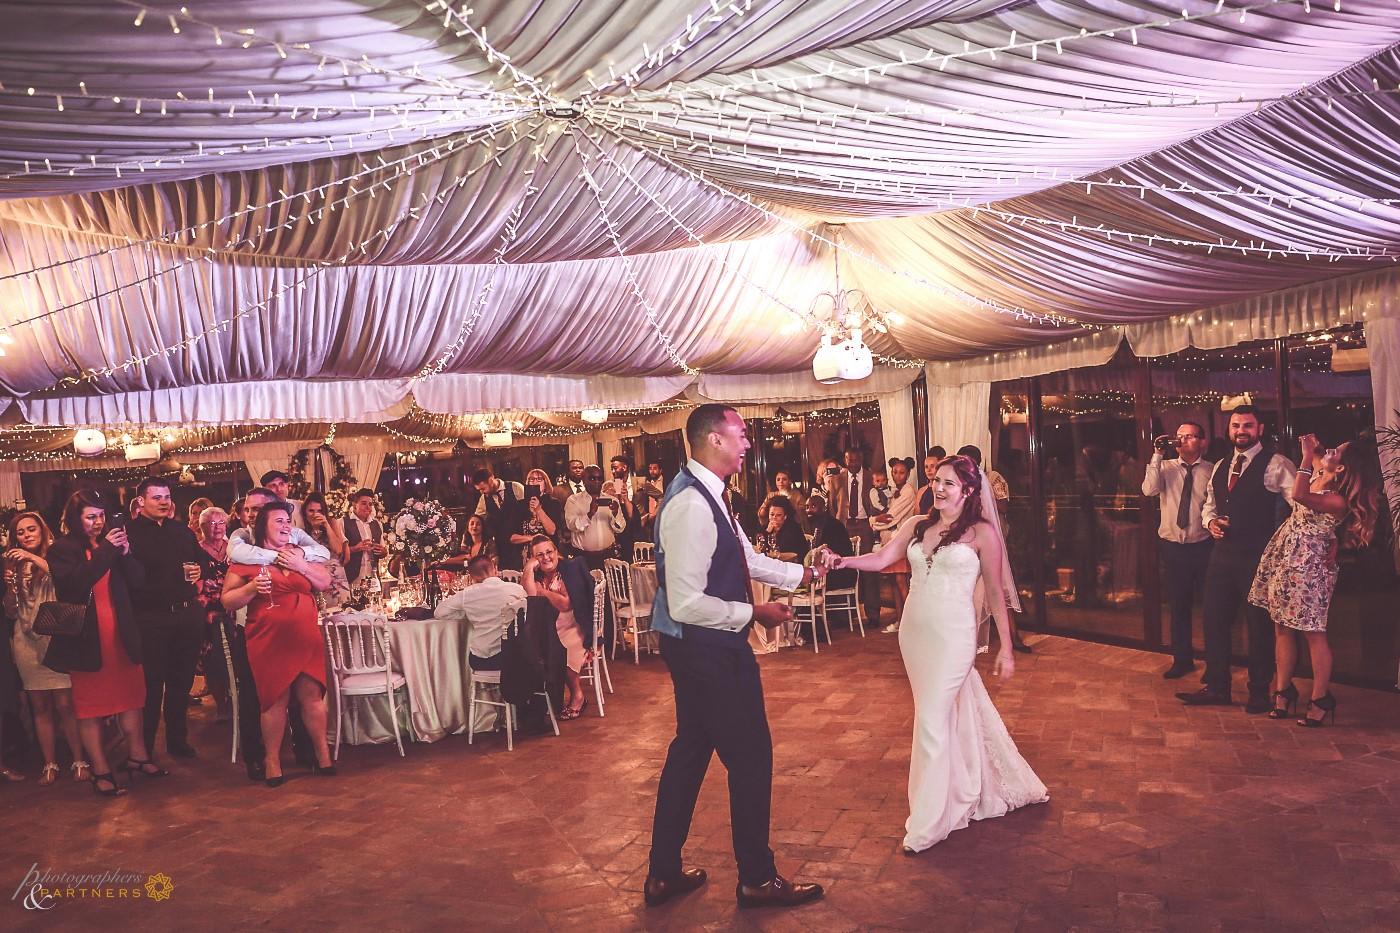 photographer_weddings_baroncino_21.jpg